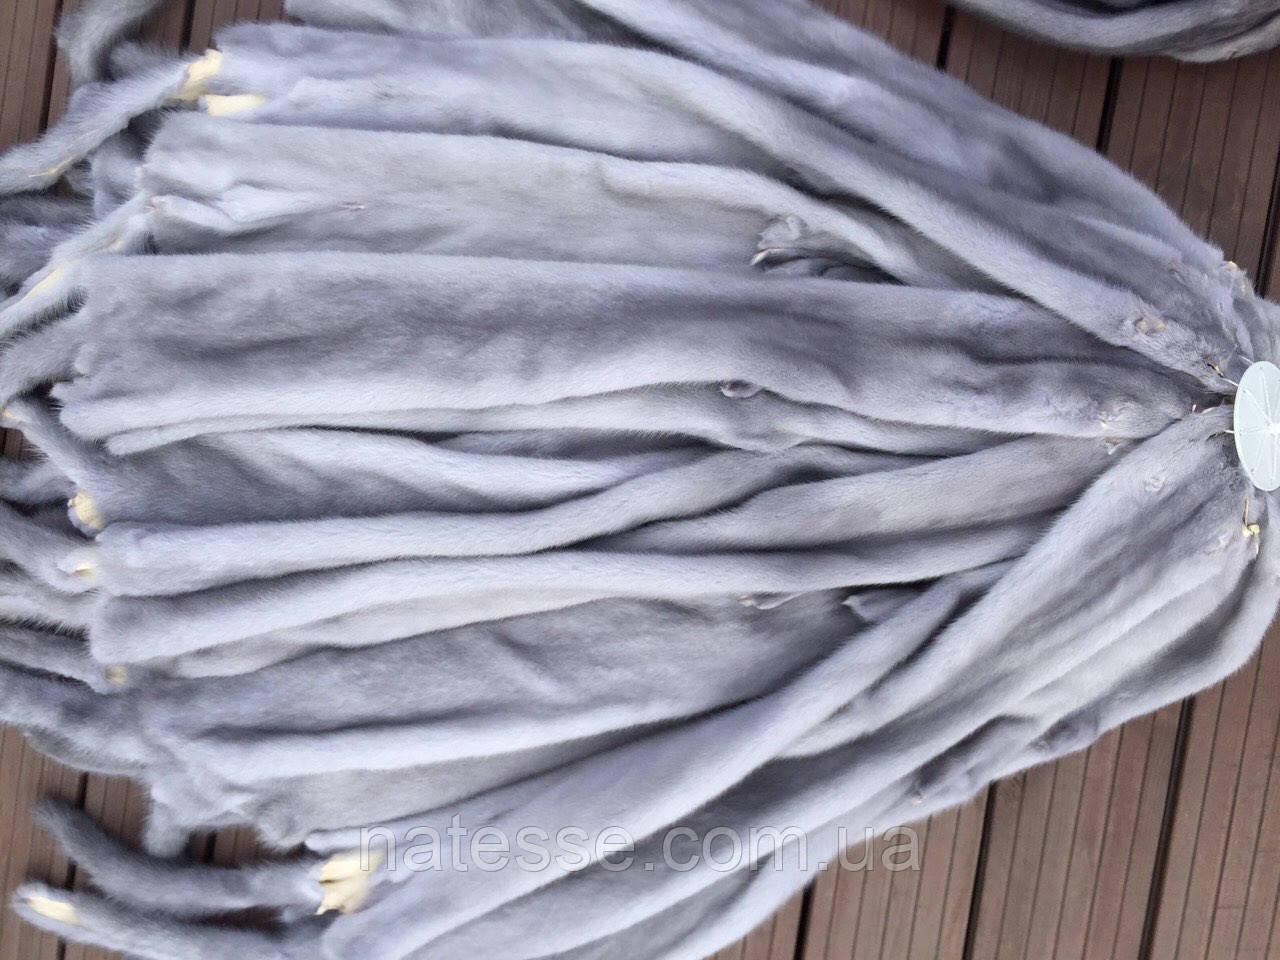 Мех шкурки норка датская Сапфир голубой Самцы 70-72 см